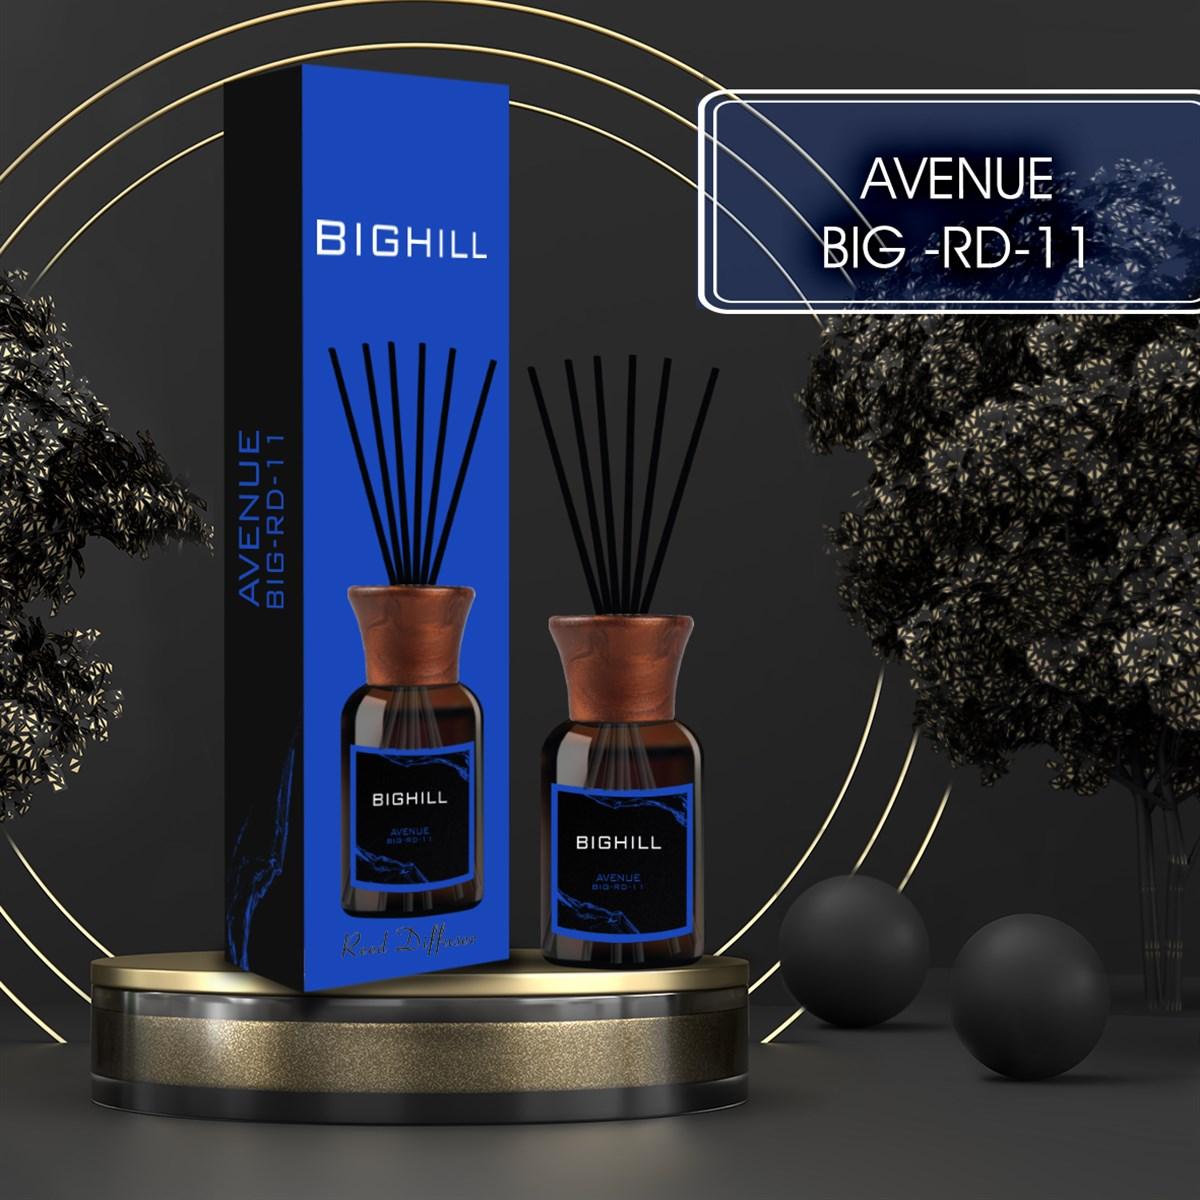 avenue big rd 11eyfel parfum her an fa4 af